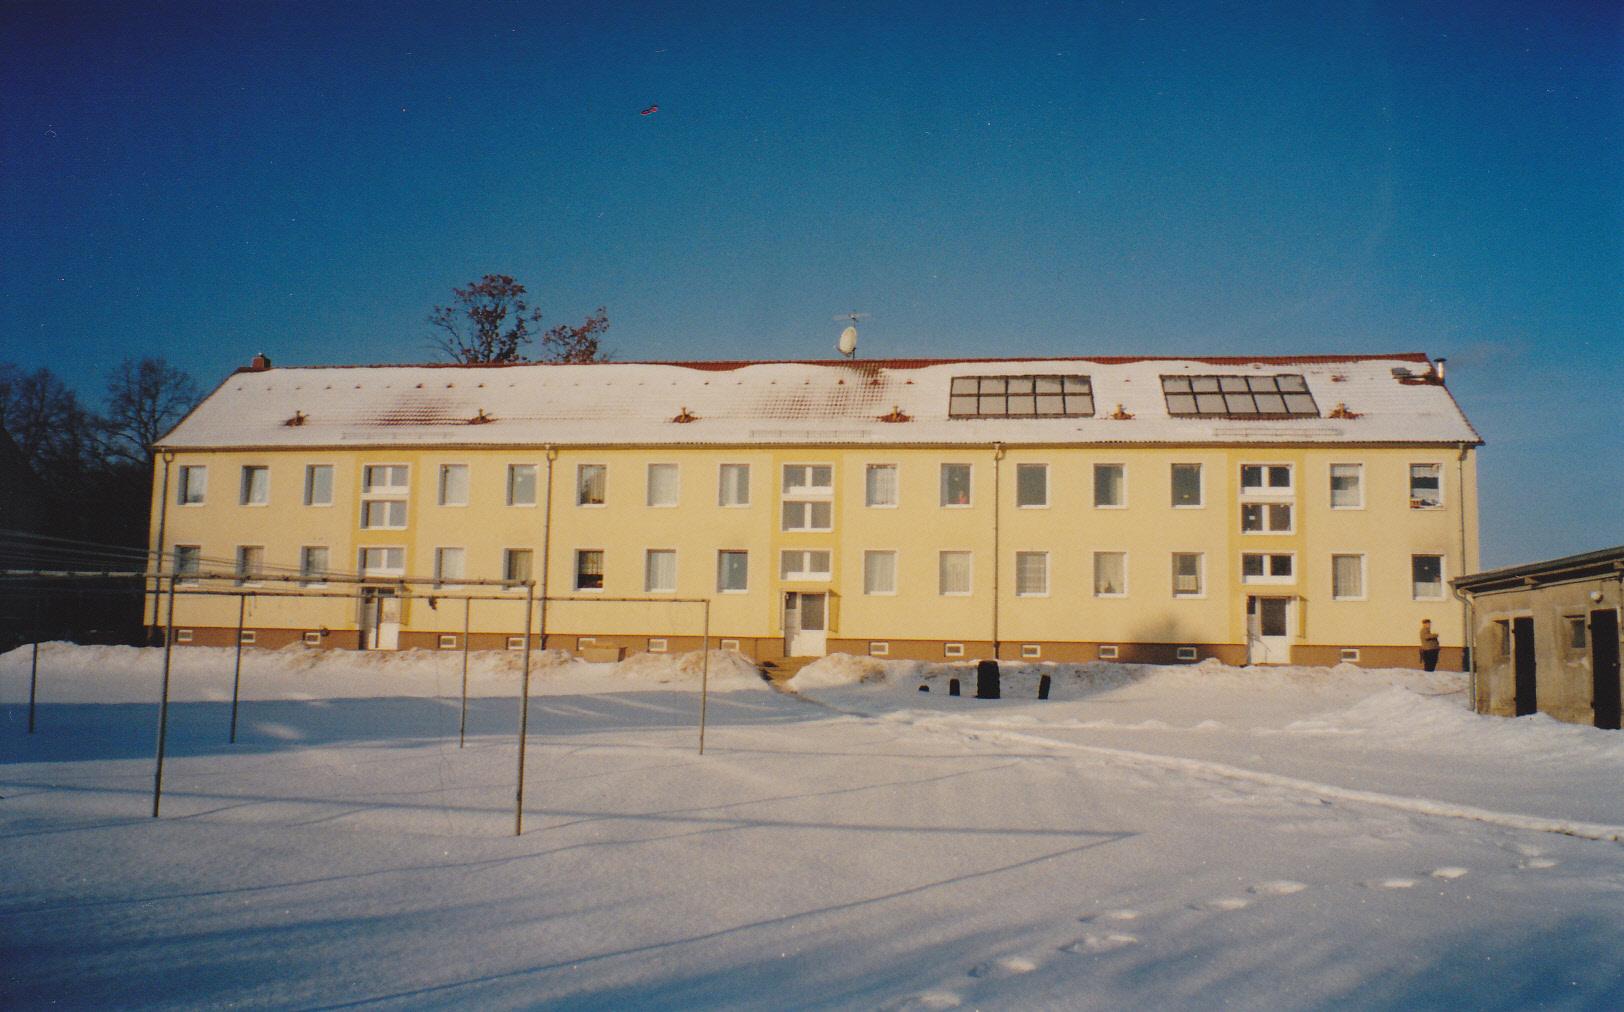 Immobilienangebot Gemeinde Heiligengrabe Verkaufsobjekt 12 Wohneinheiten Mehrfamilienhaus Gemeindeteil Horst hintere Ansicht 2011